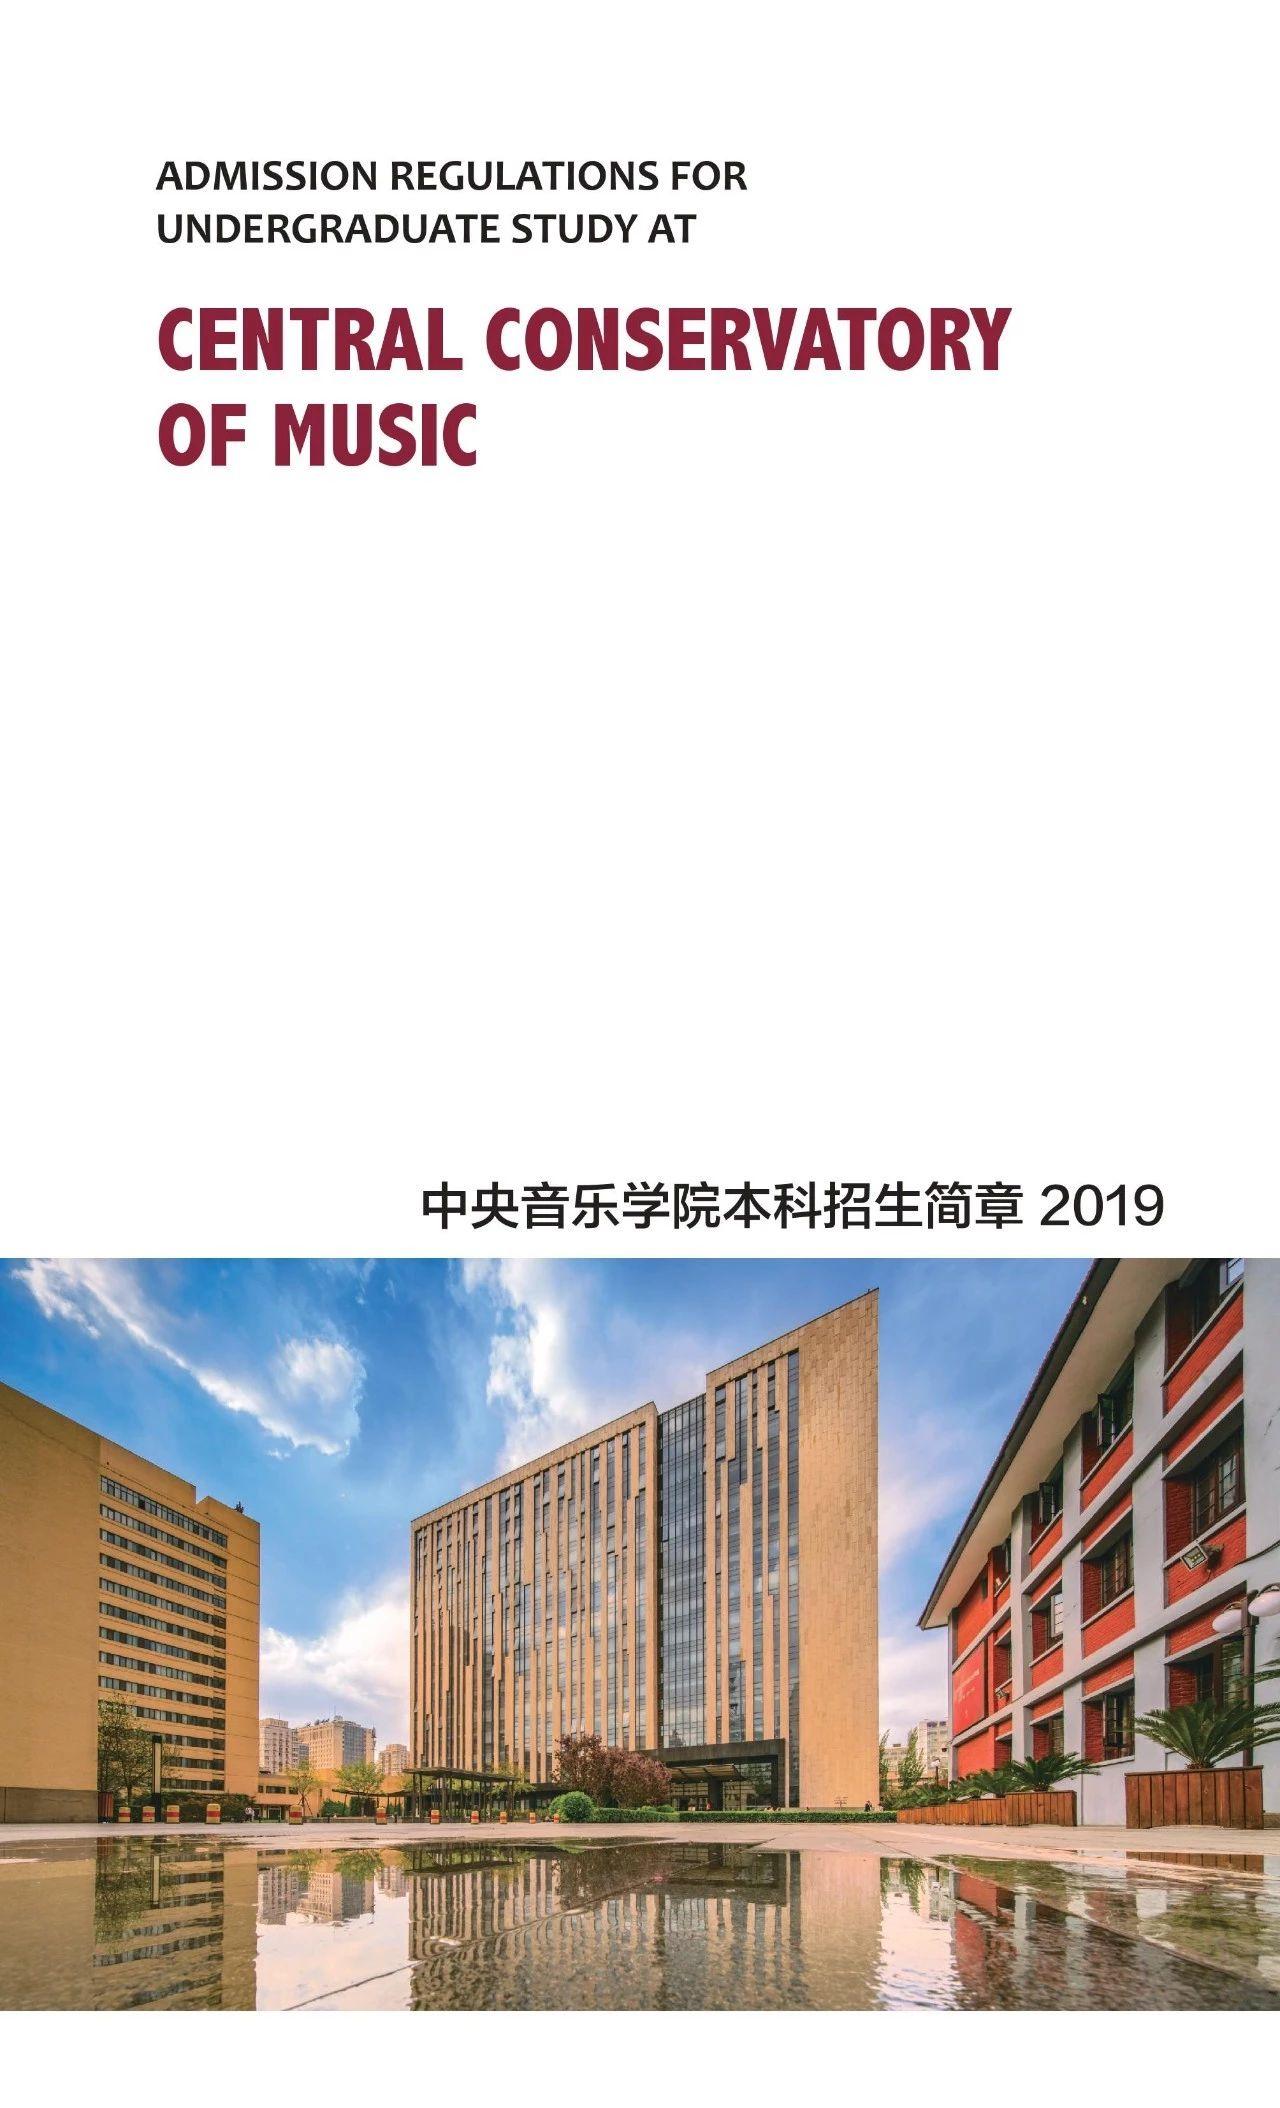 中央音乐学院2019年本科招生简章公布啦!艺考资讯分享